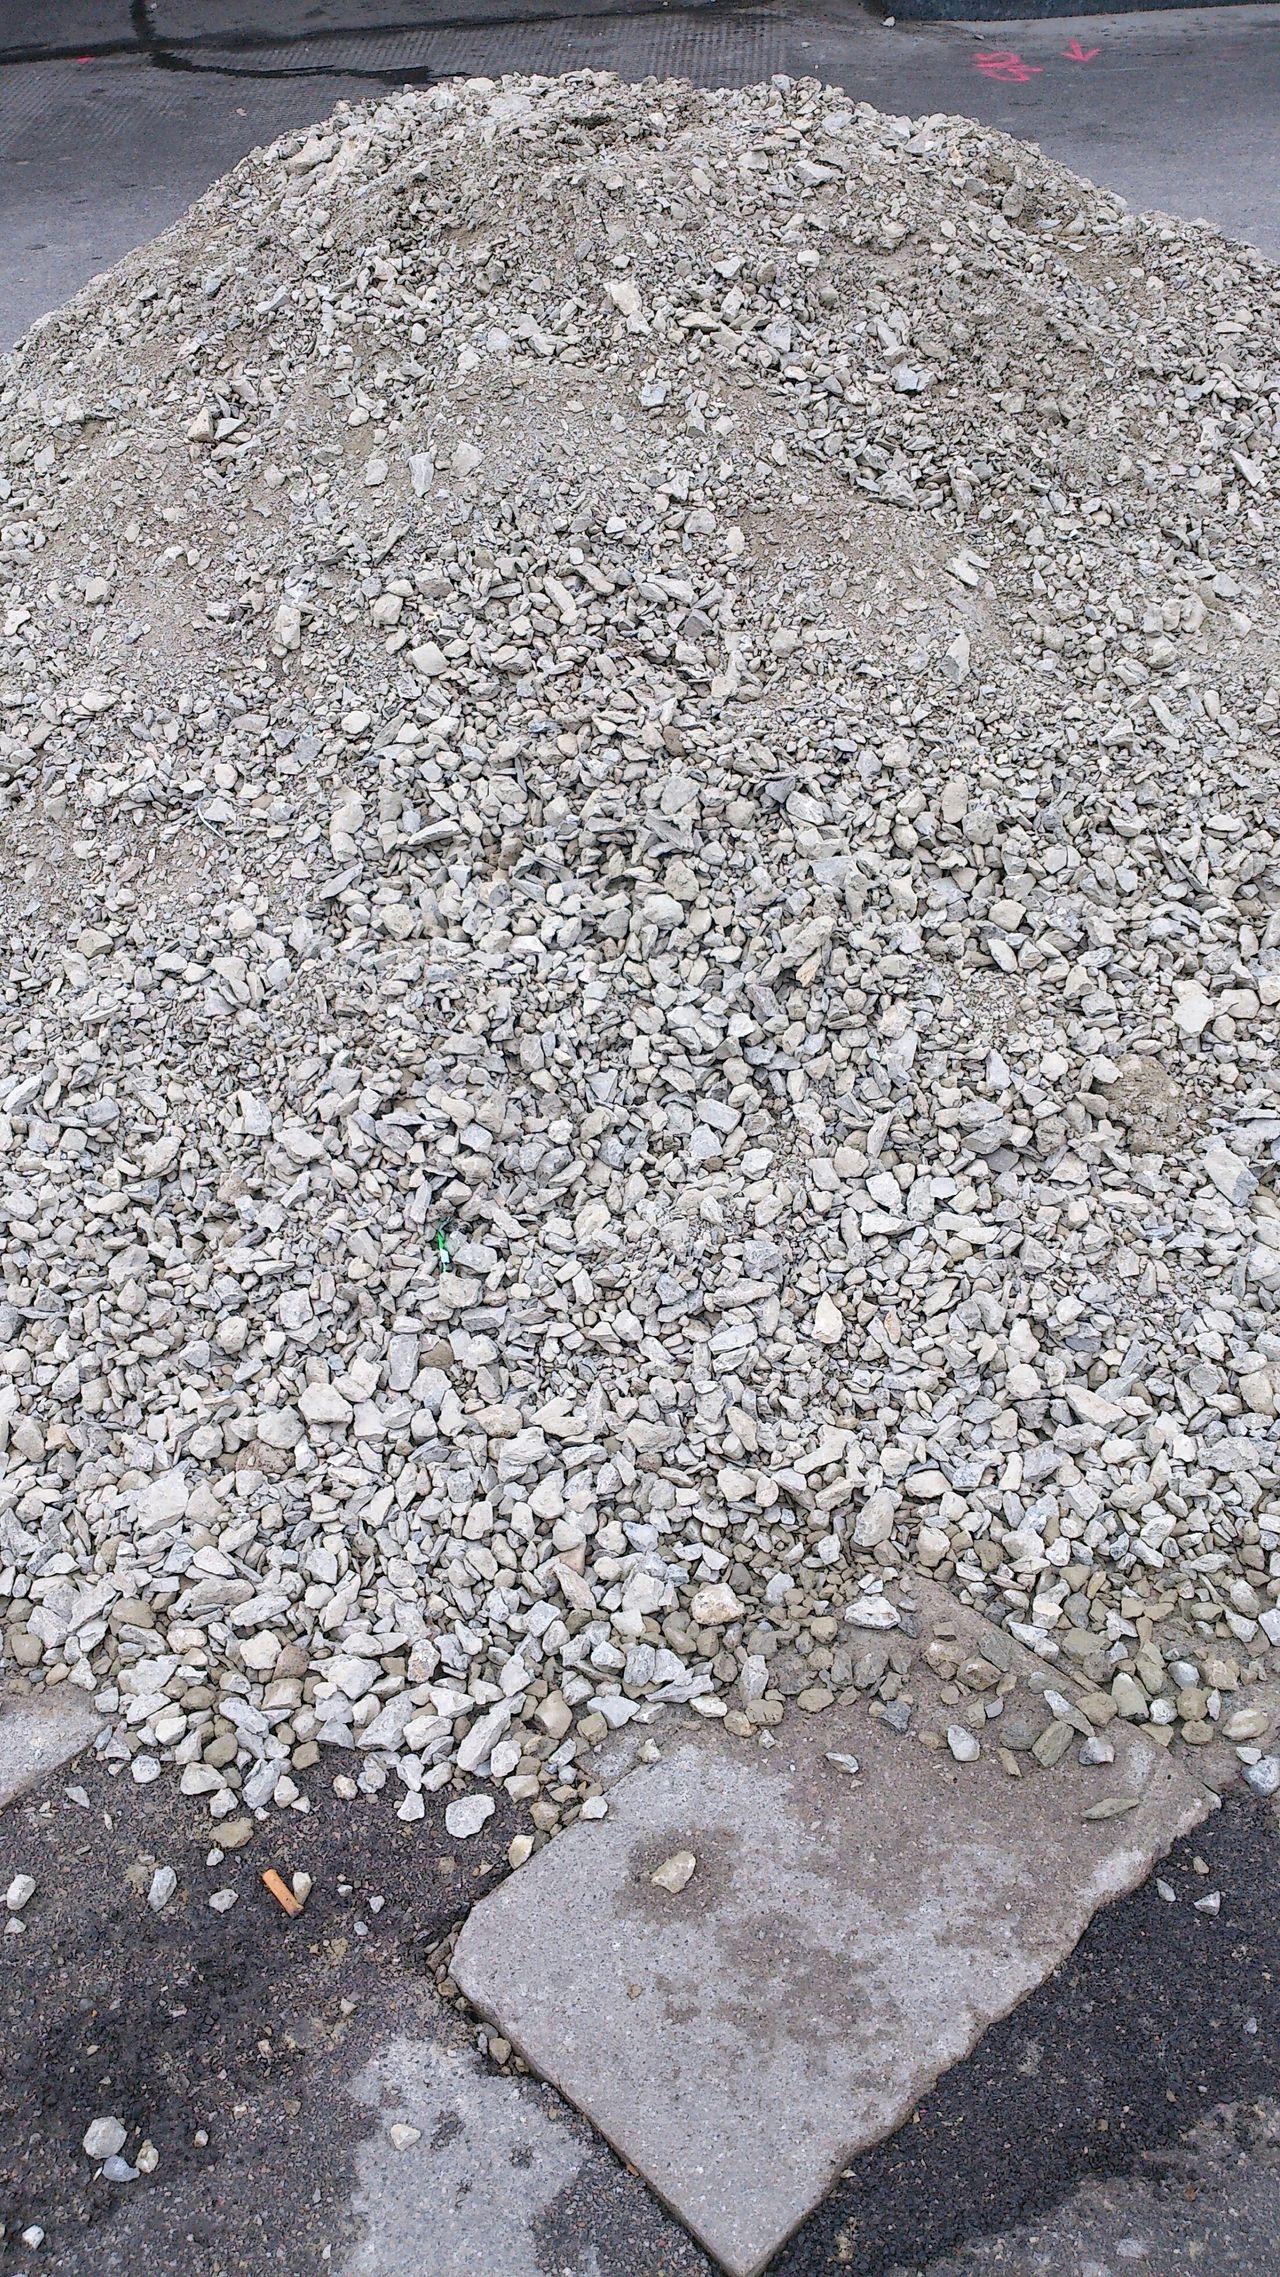 Baustelle Bauschutt März 2015 Steine Grau